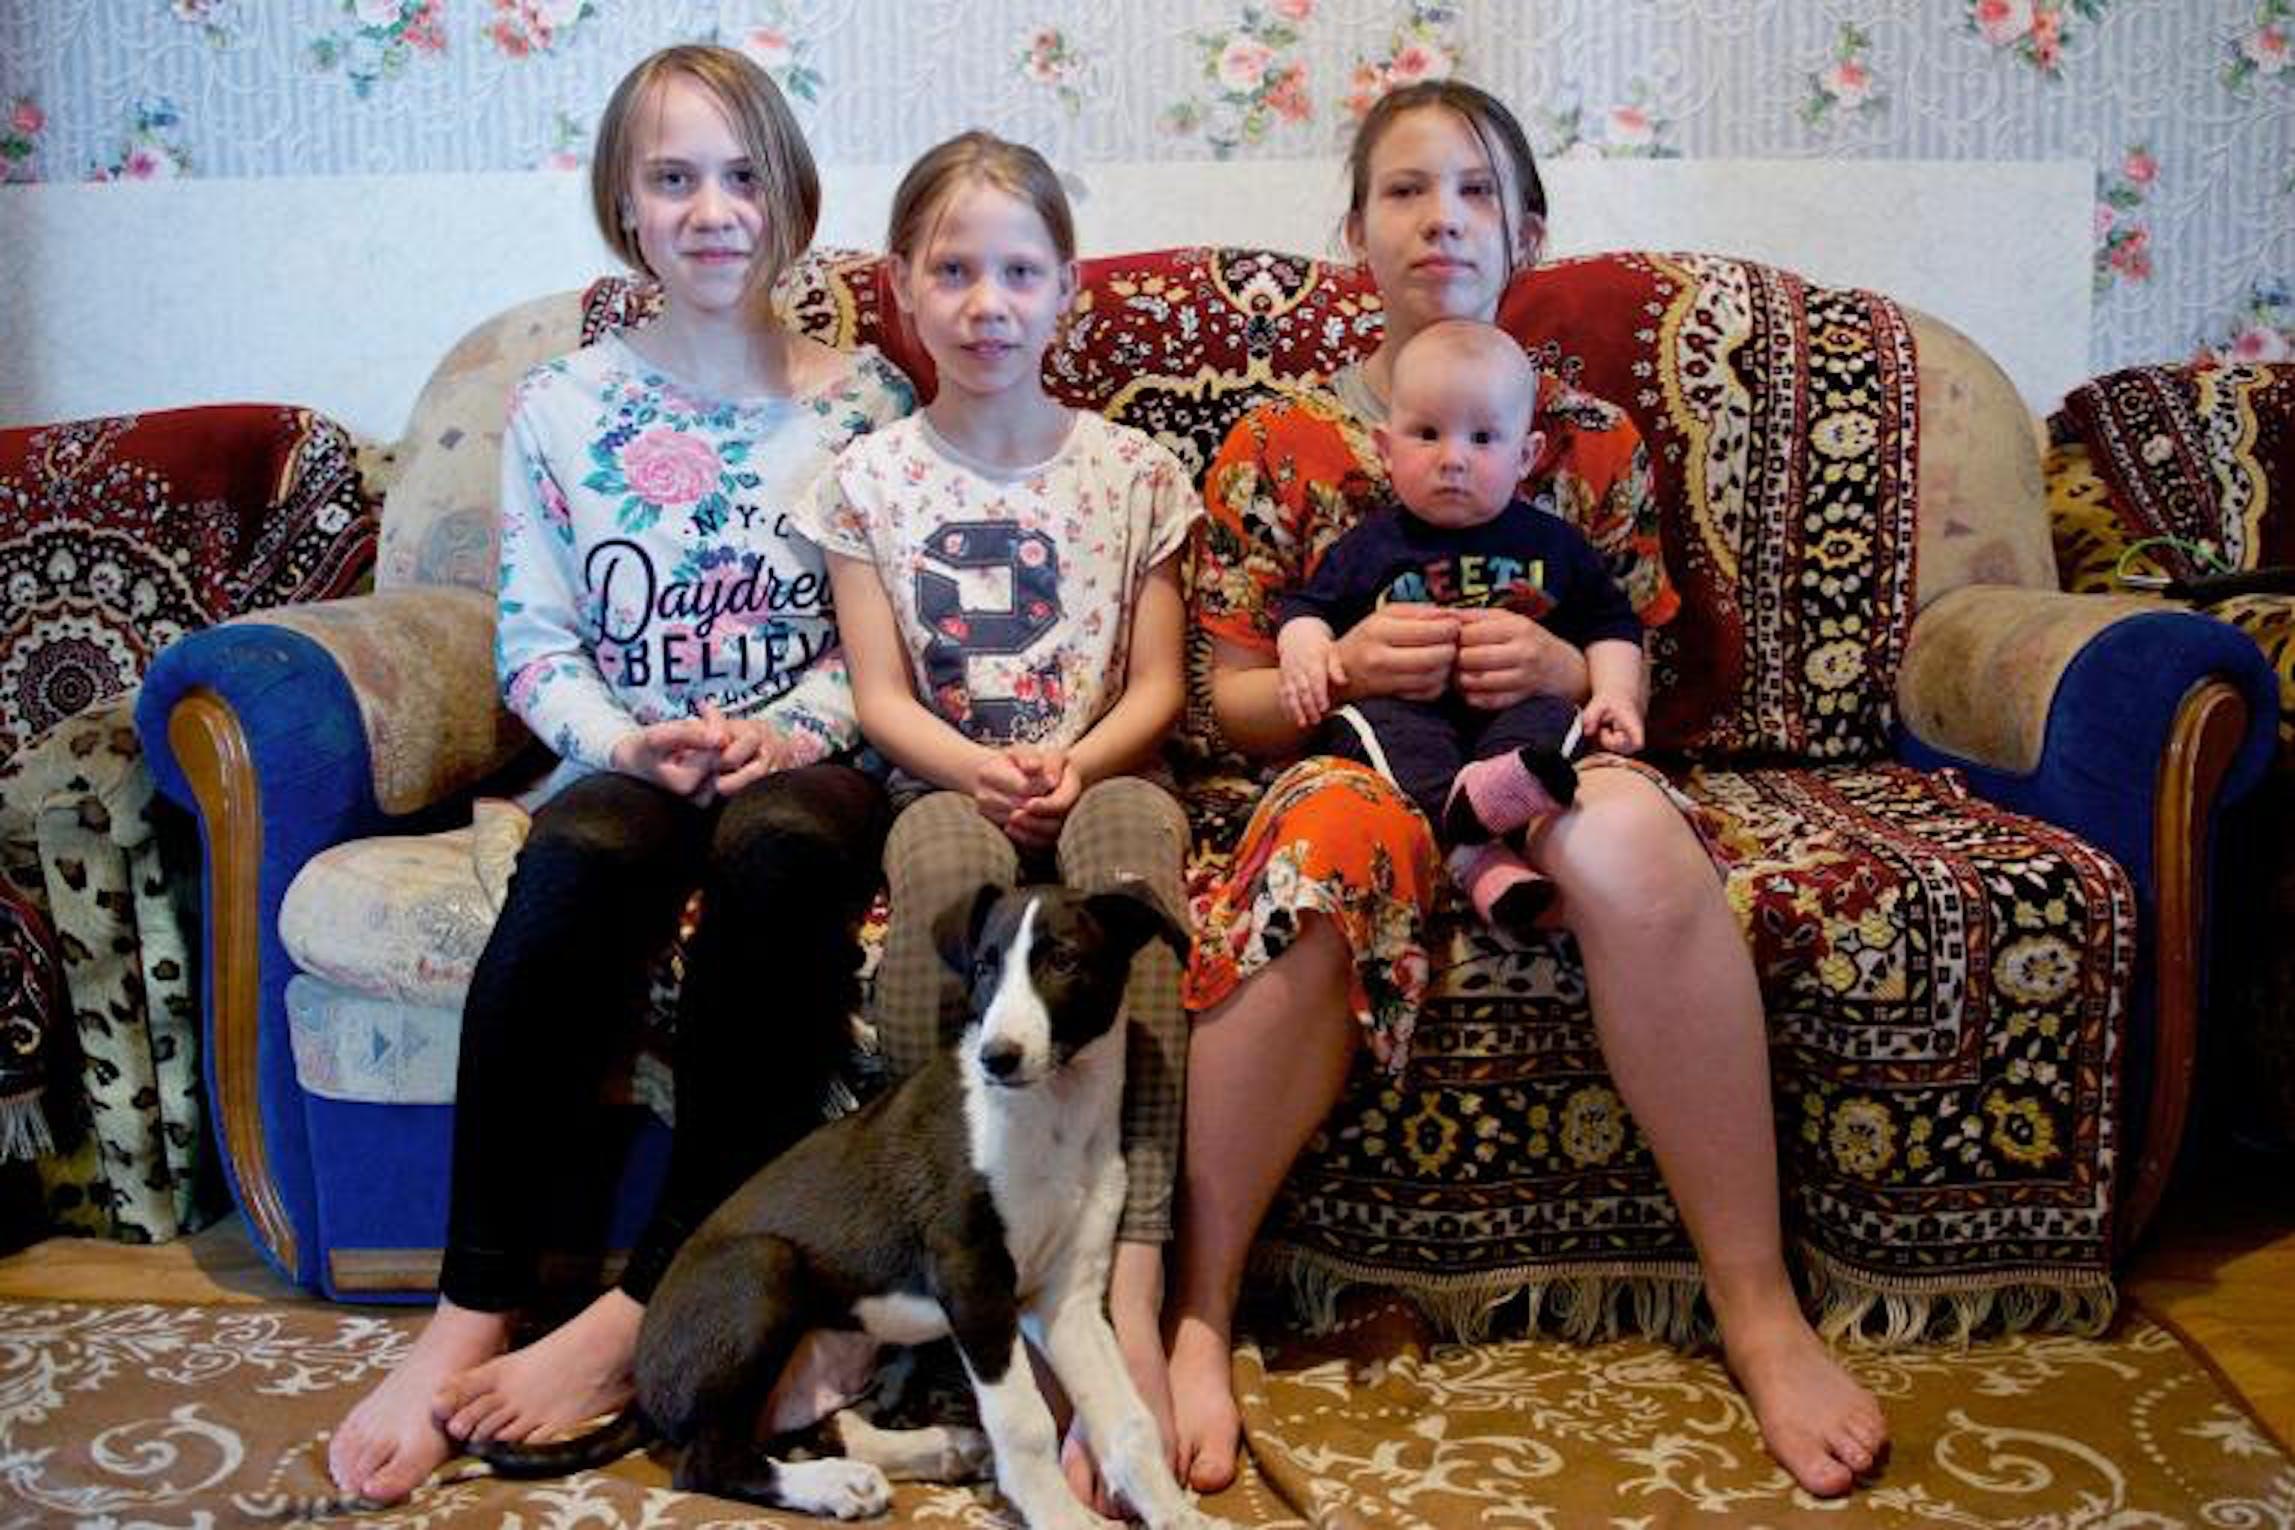 La famiglia di queste 4 bambine vive in un piccolo appartamento in affitto a Nur Sultan, capitale del Kazakistan, Da tre anni non riesce ad accedere ai servizi sociali per carenza di documenti - © UNICEF/UNI289389/Nur